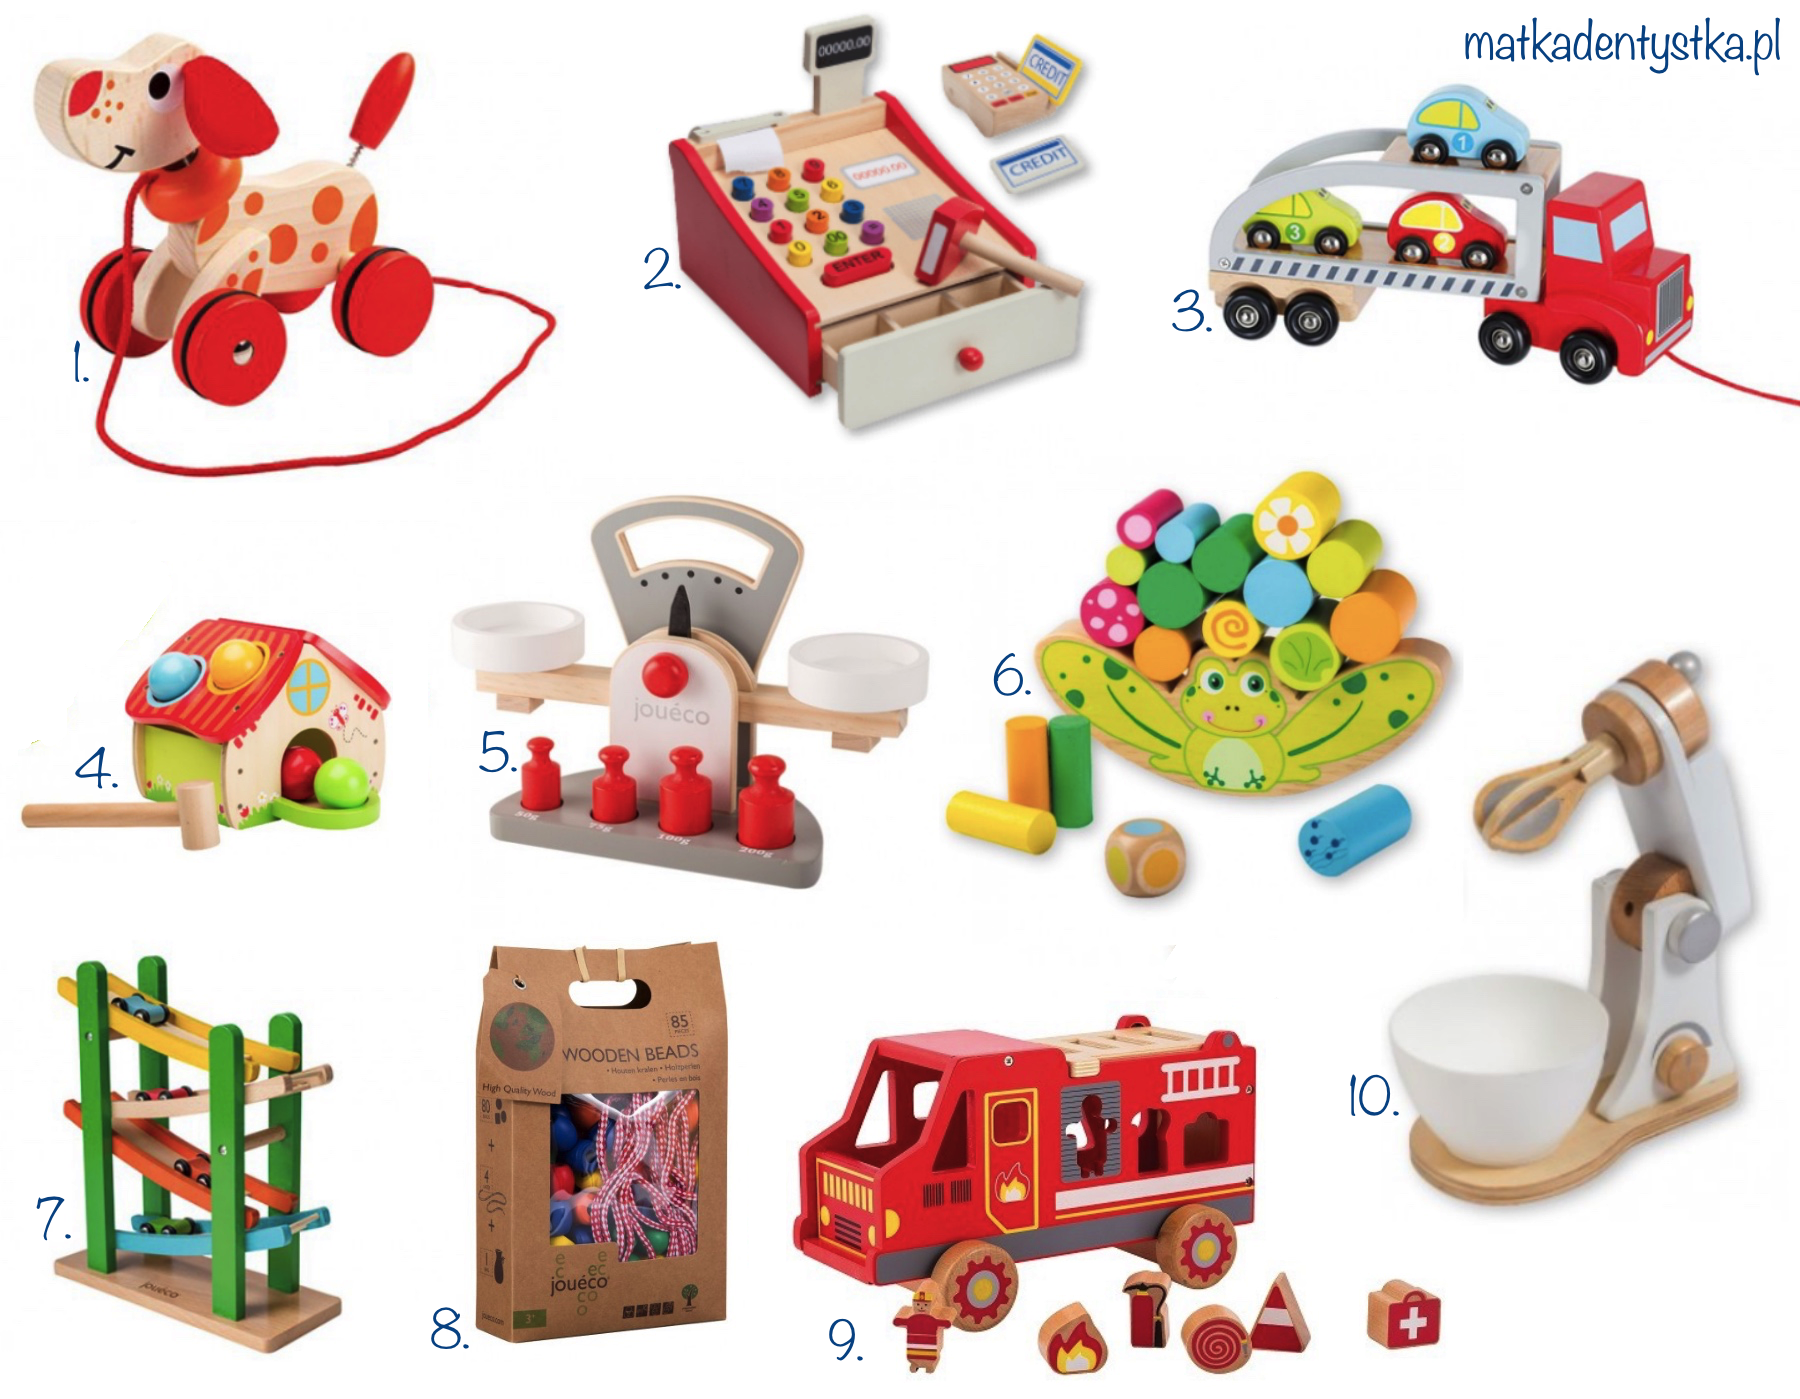 drewniane zabawki joueco prezent mikołaj choinka